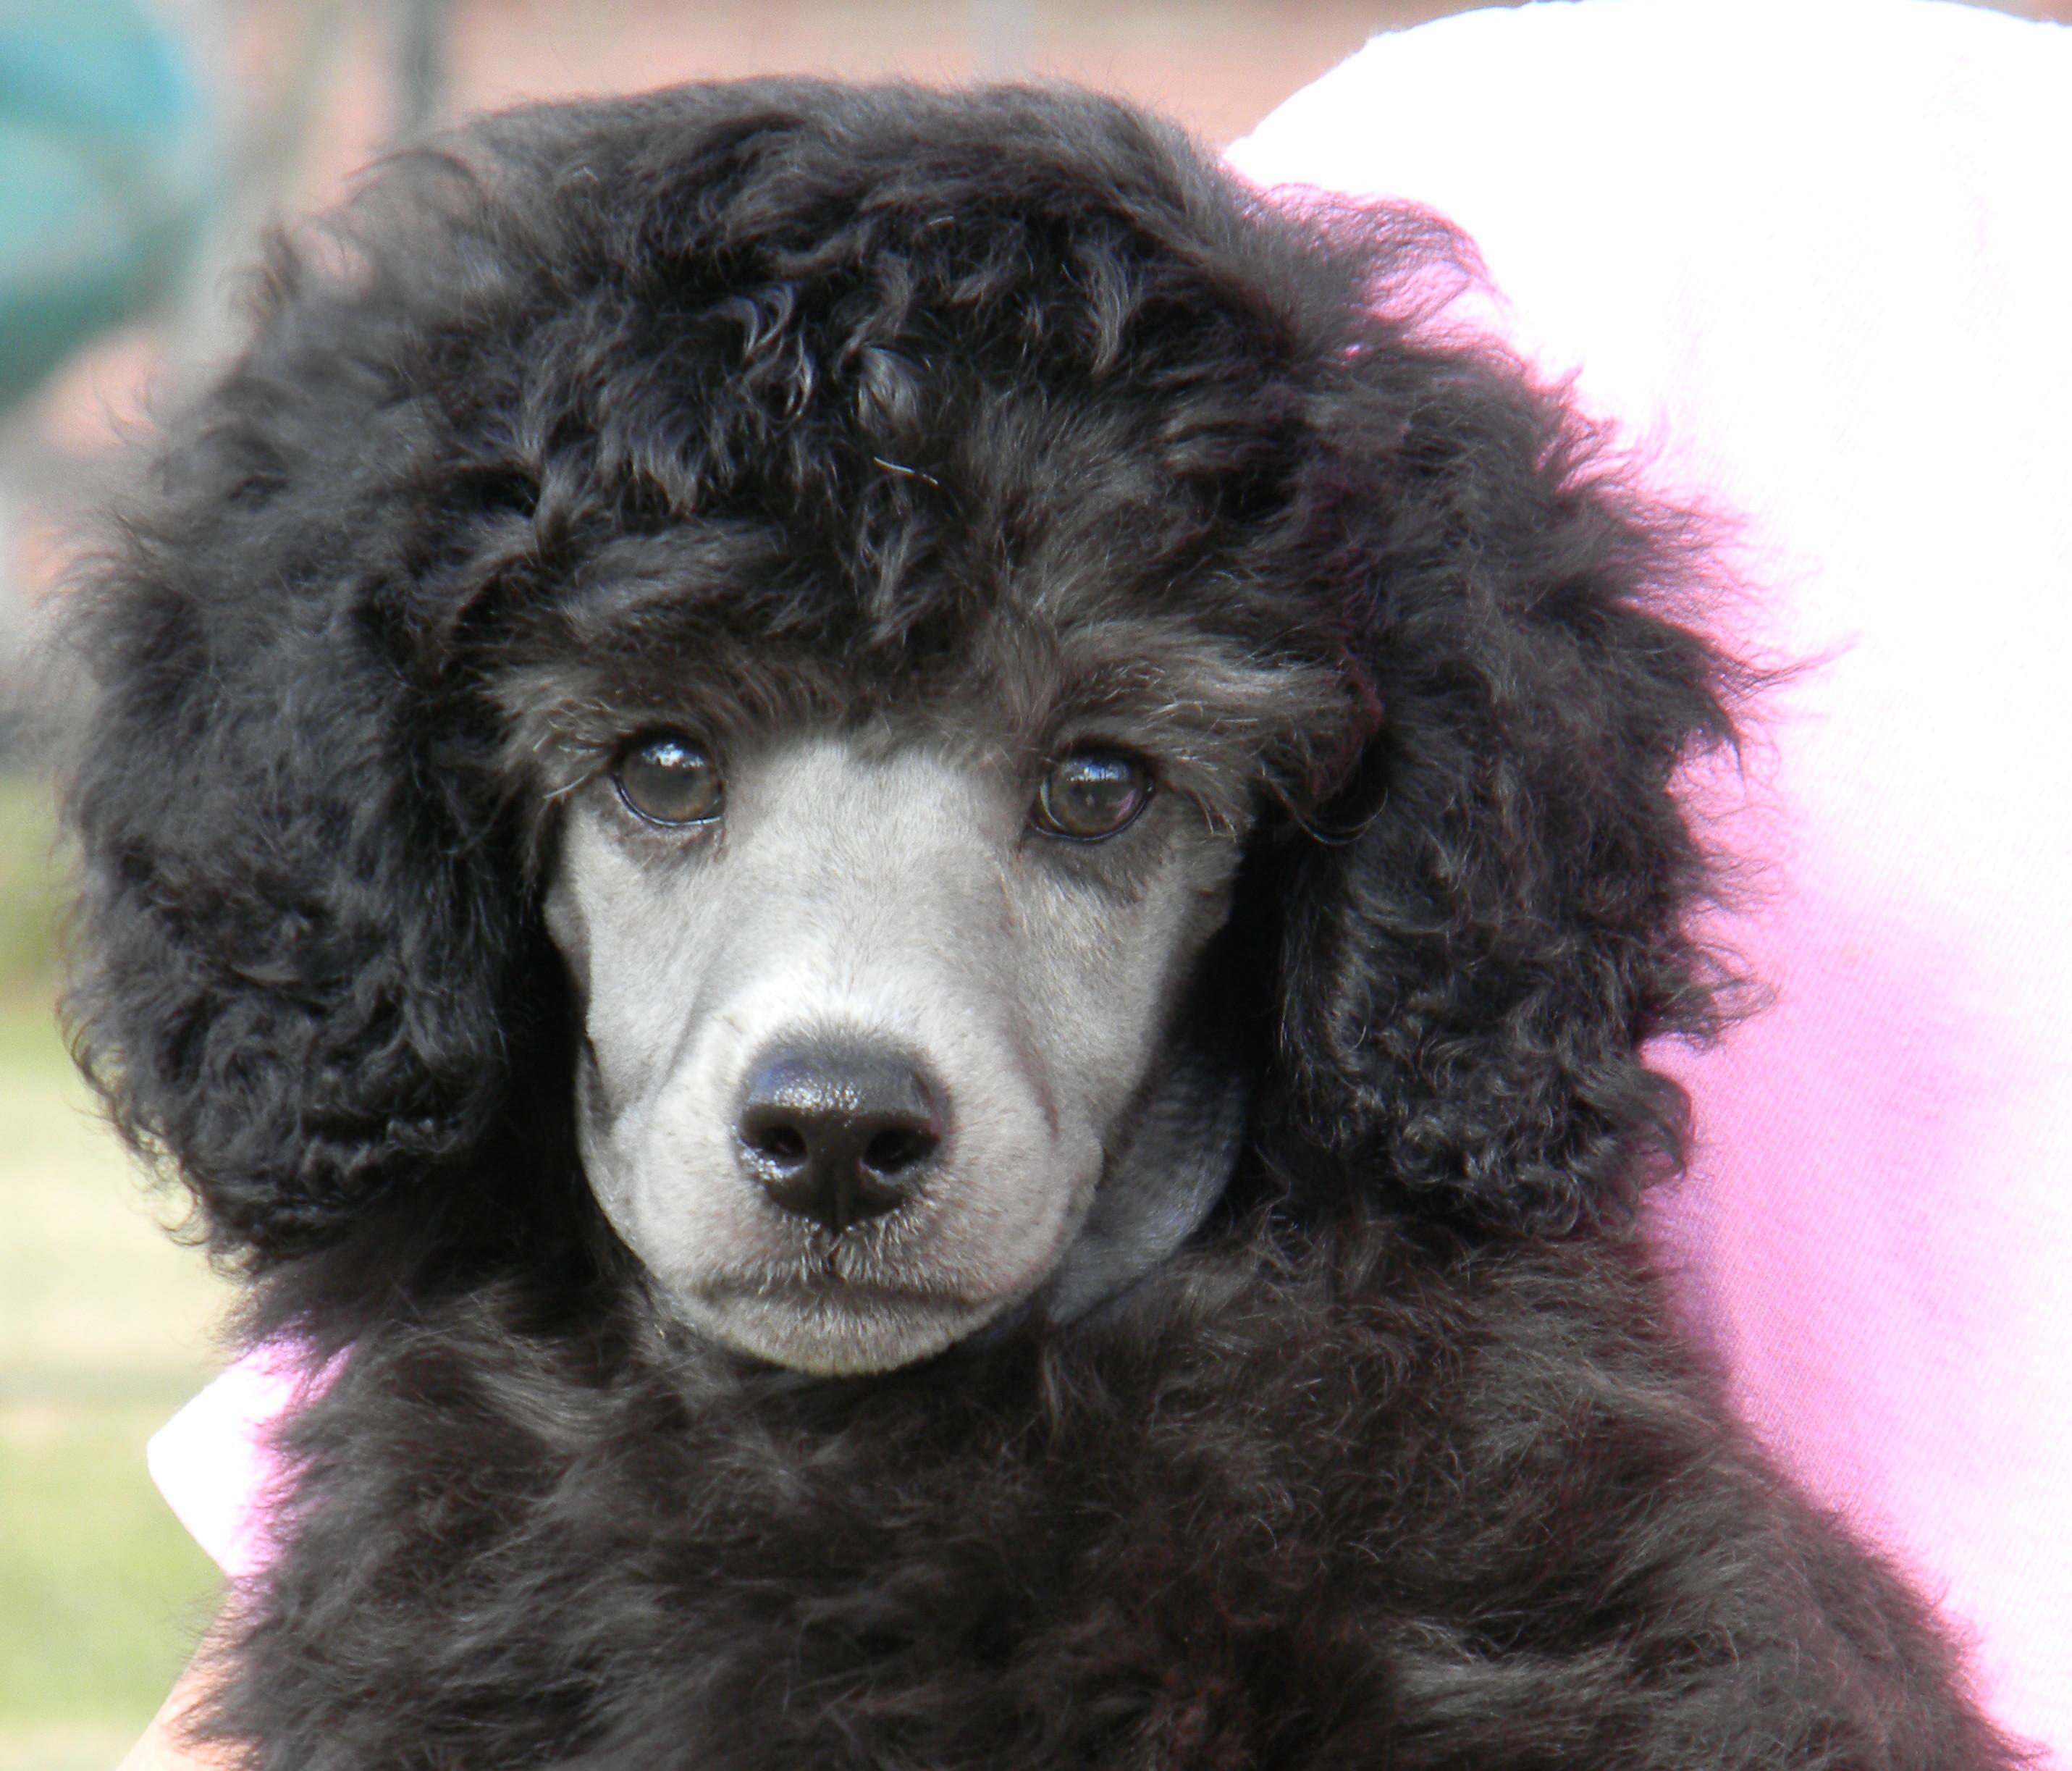 Miniature Poodles